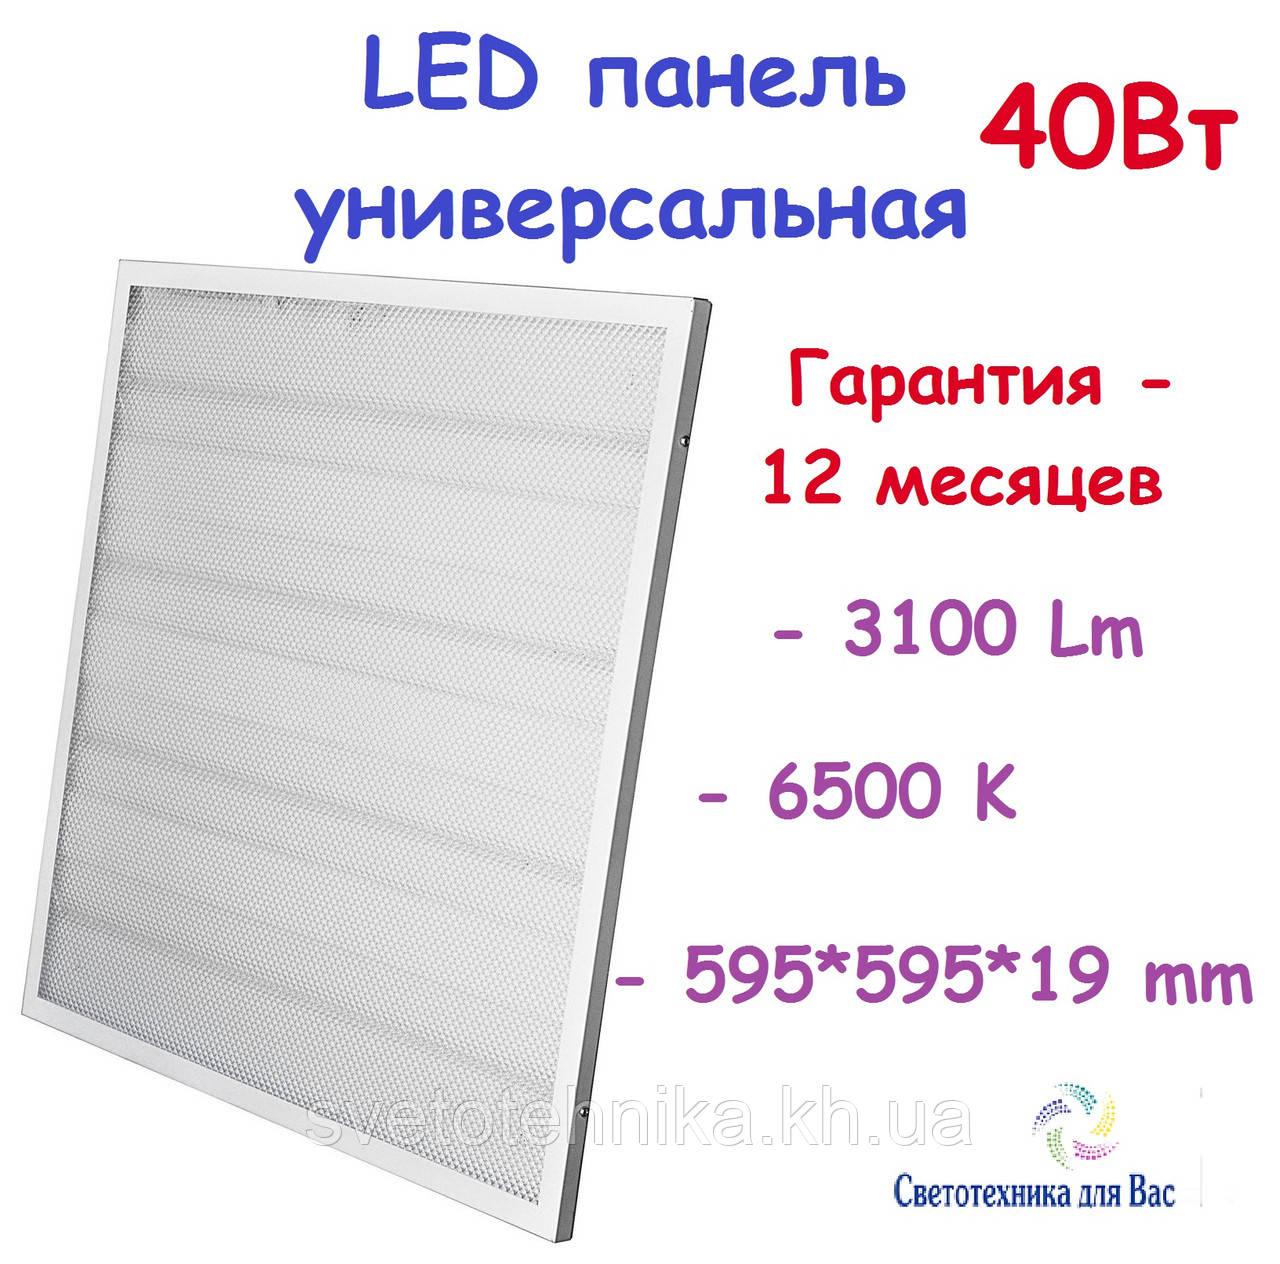 Светодиодная панель PRISMATIC 128 LED, 40W, 6500K IP40, 595*595*19 мм